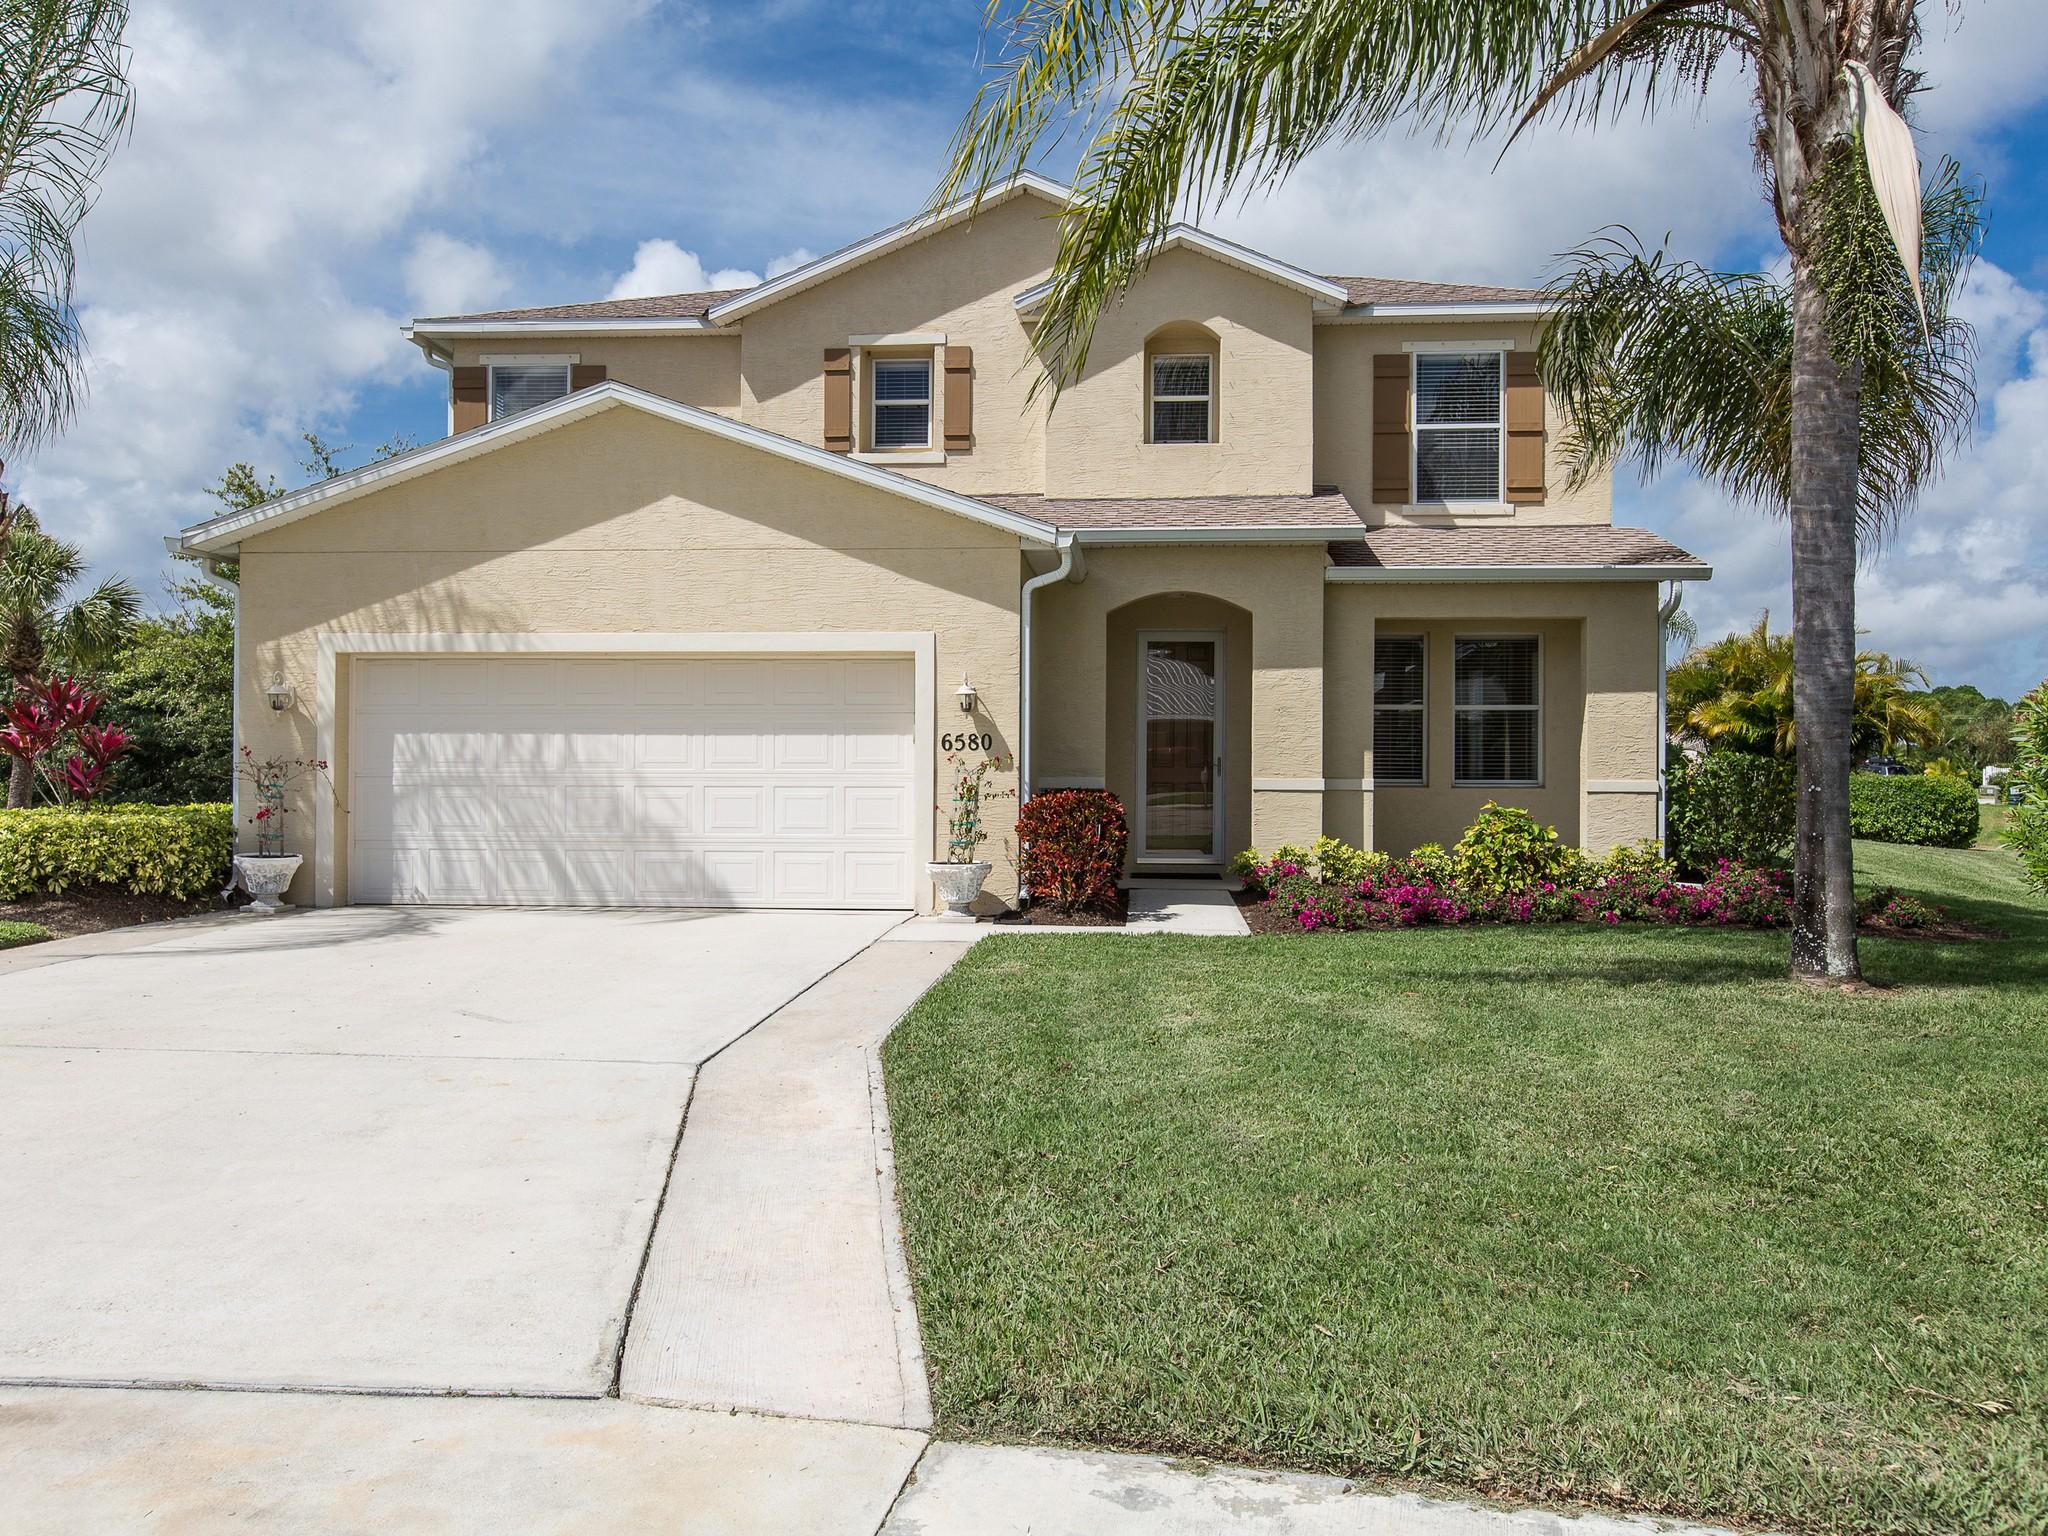 Maison unifamiliale pour l Vente à Perfect Home in Oak Chase 6580 35th Lane Vero Beach, Florida 32966 États-Unis